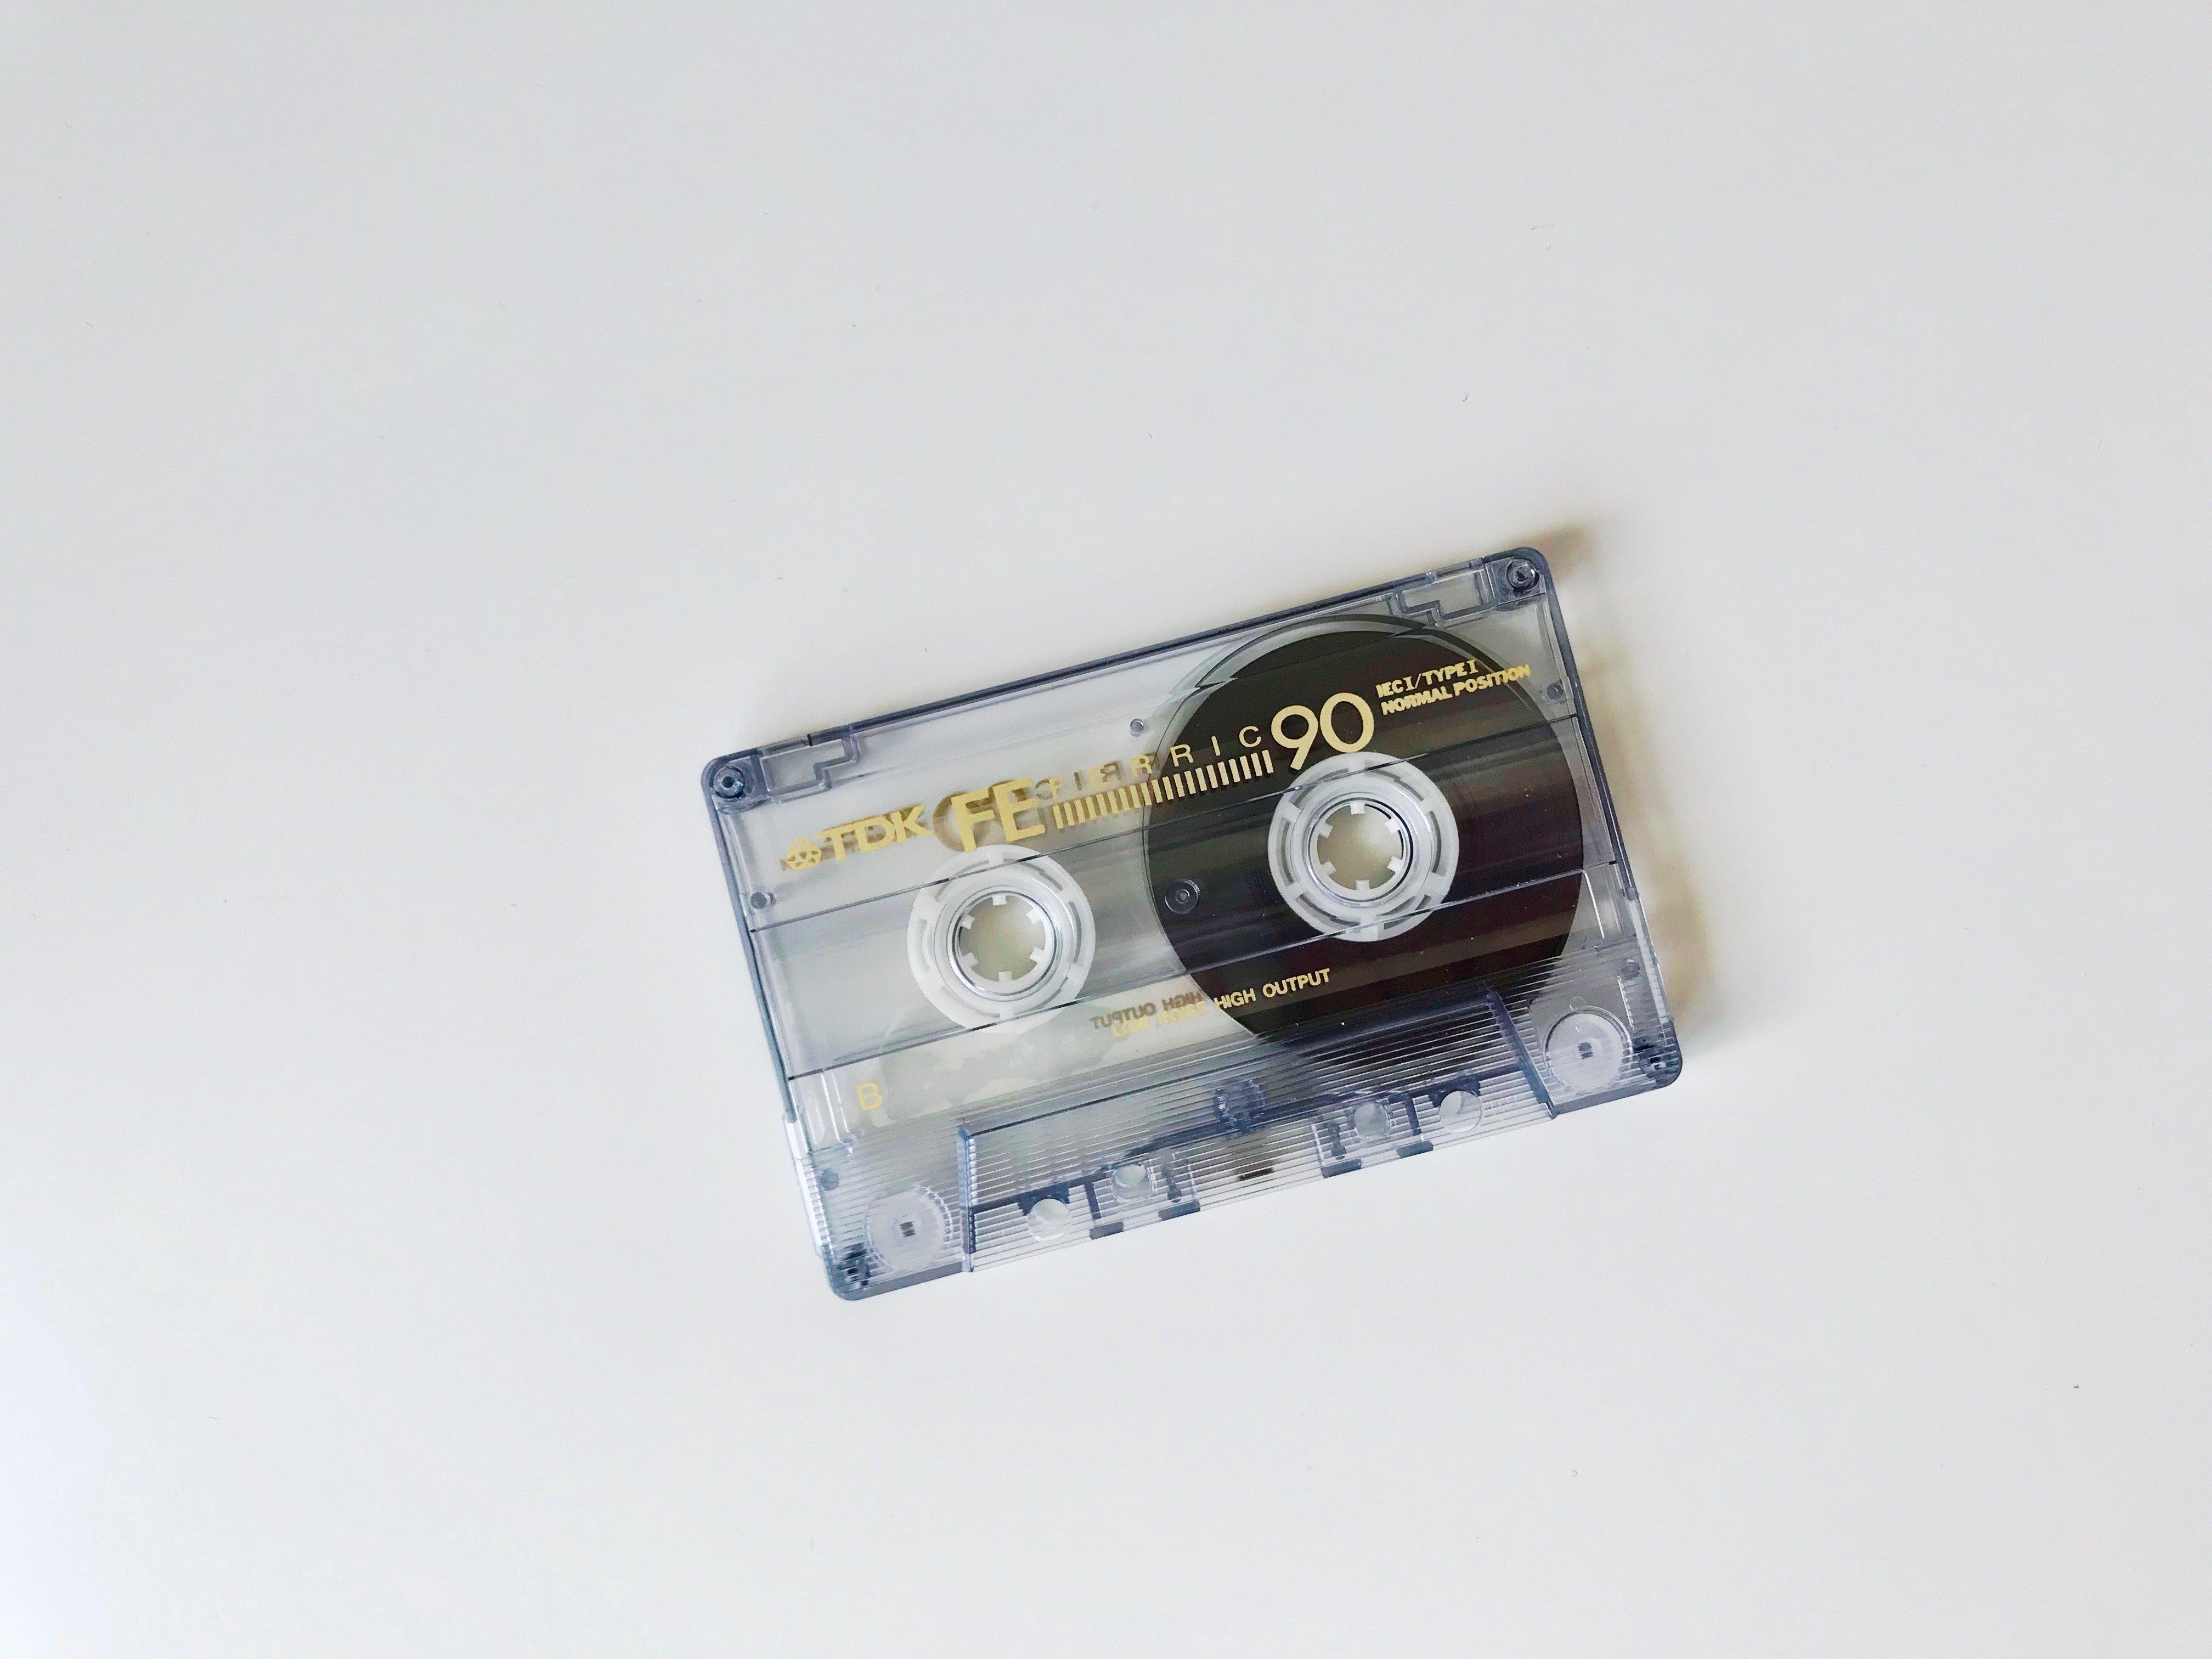 TDK cassette tape, 1990s